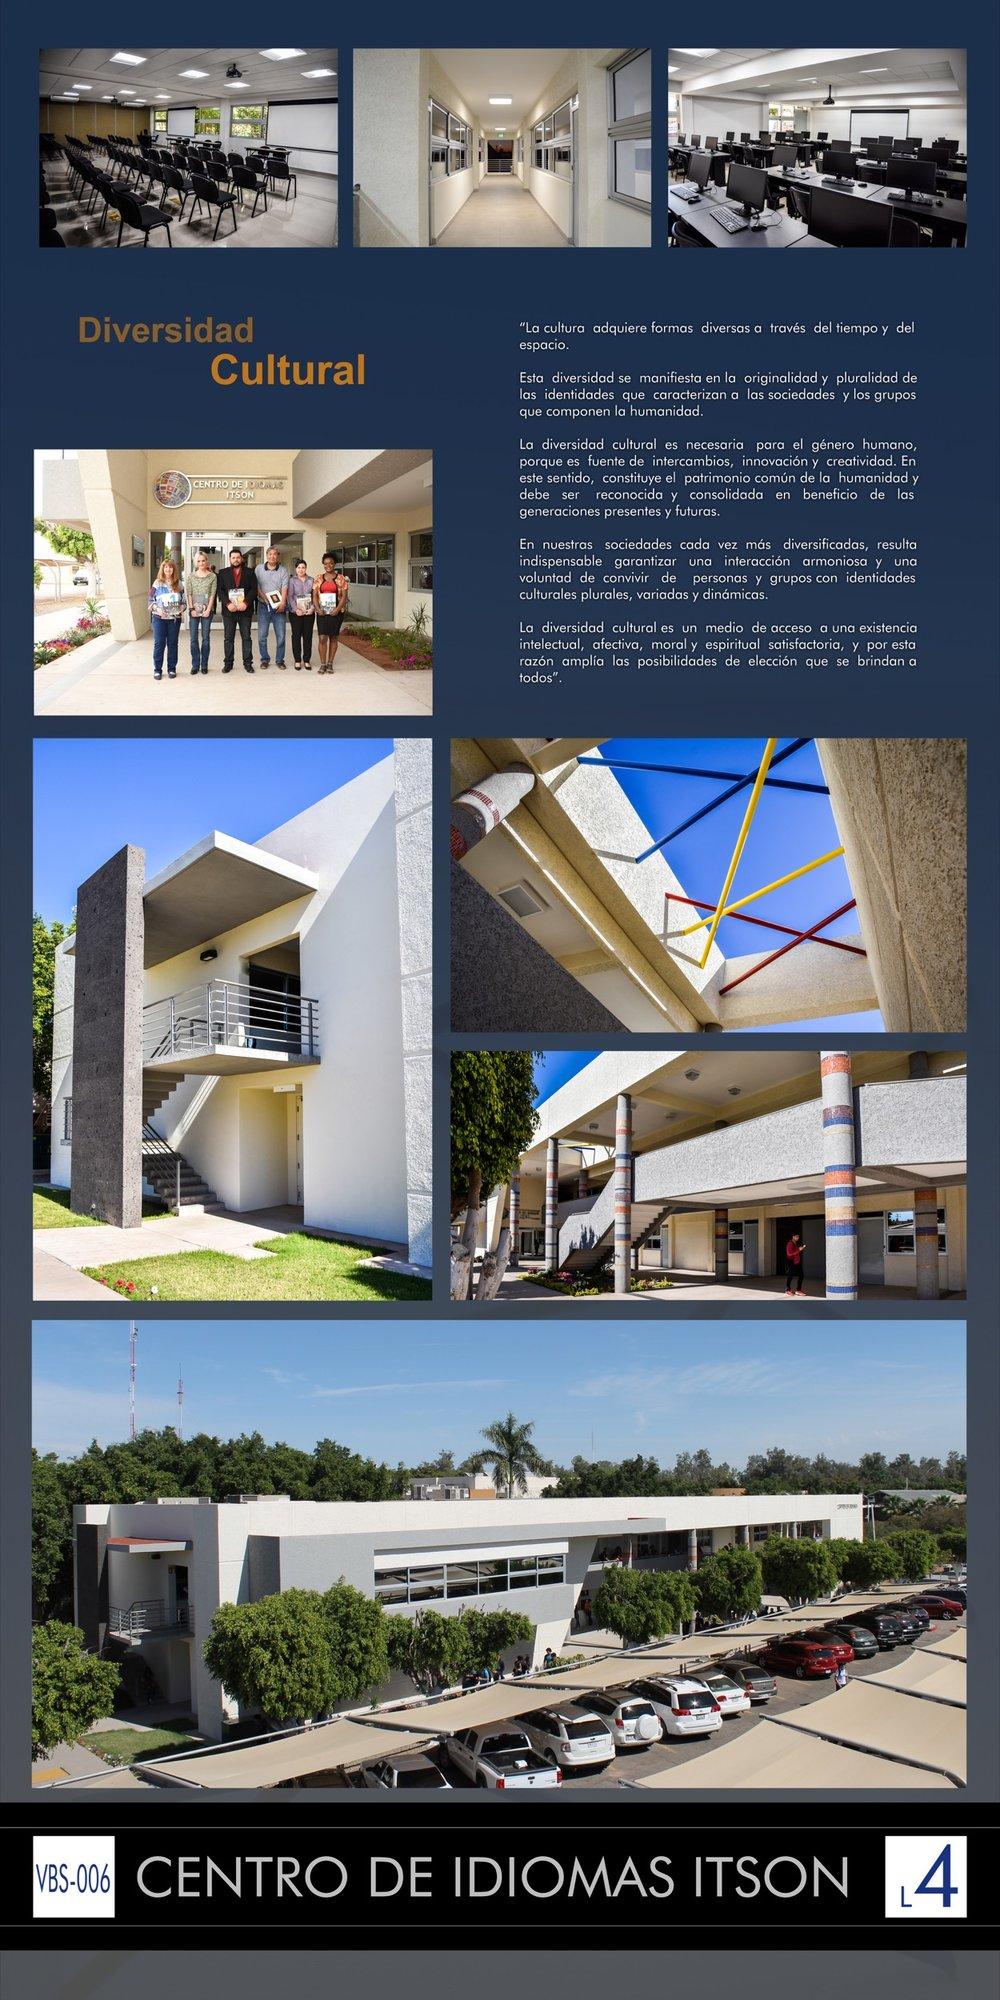 VBS-006-CENTRO DE IDIOMAS ITSON L4.jpg